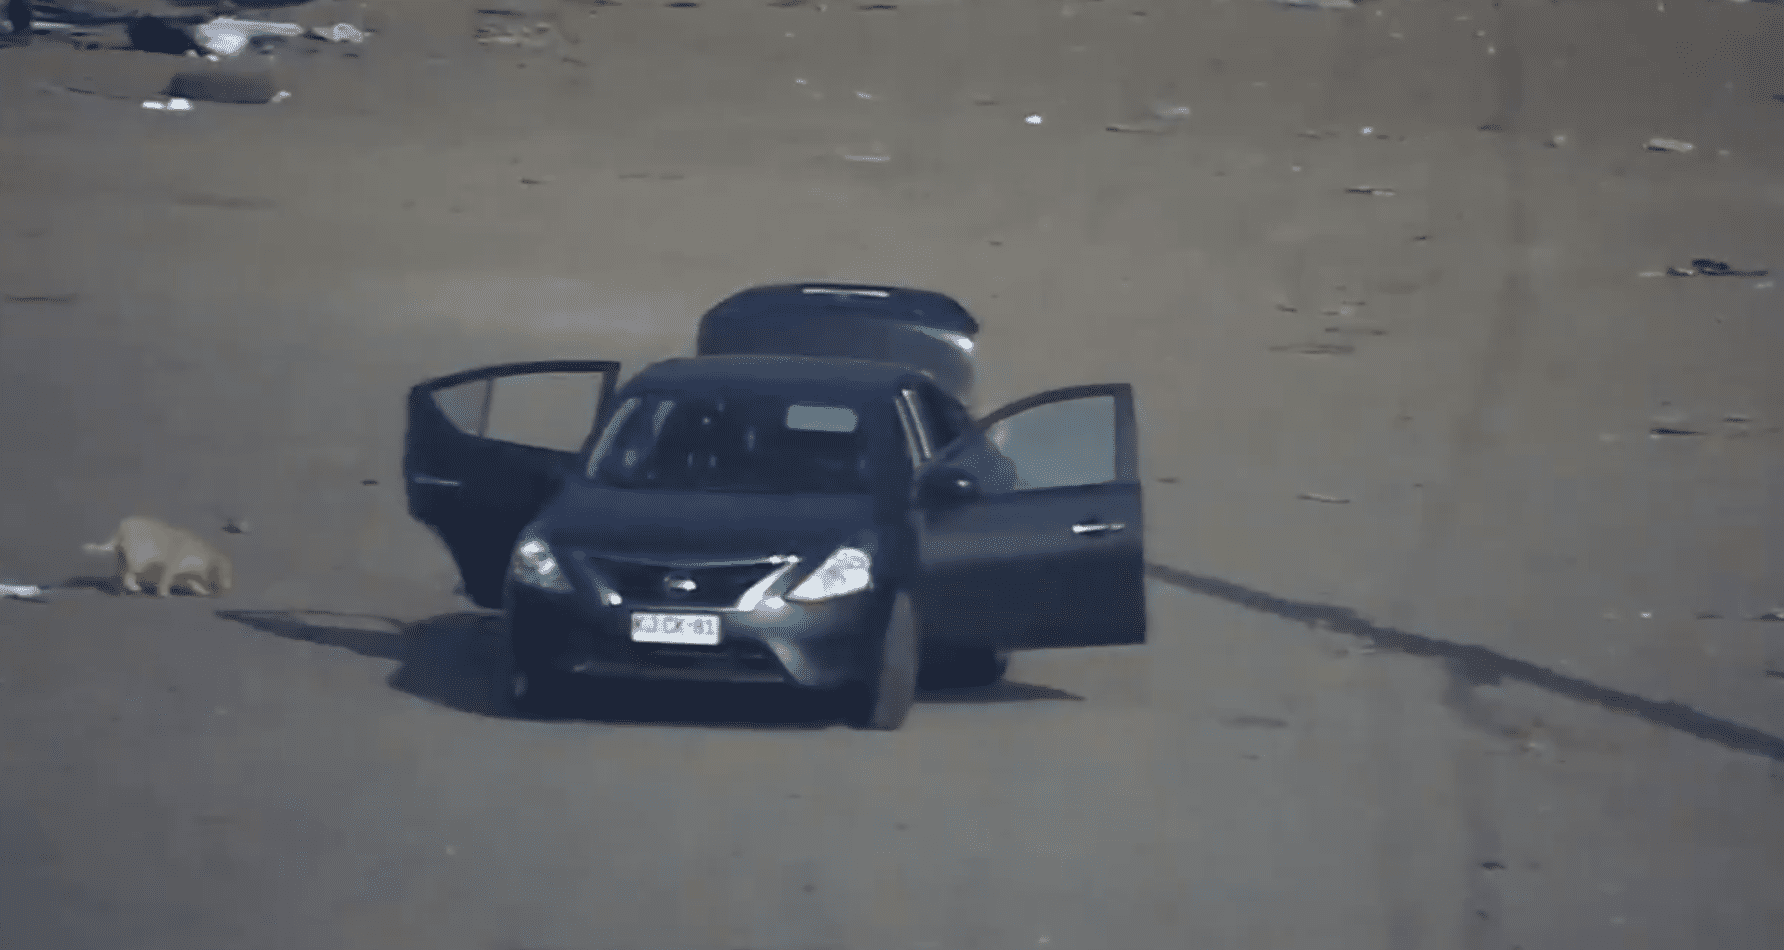 Ils ont laissé sortir l'animal de la voiture avant de partir. | Photo : Twitter/MuniLaPintana